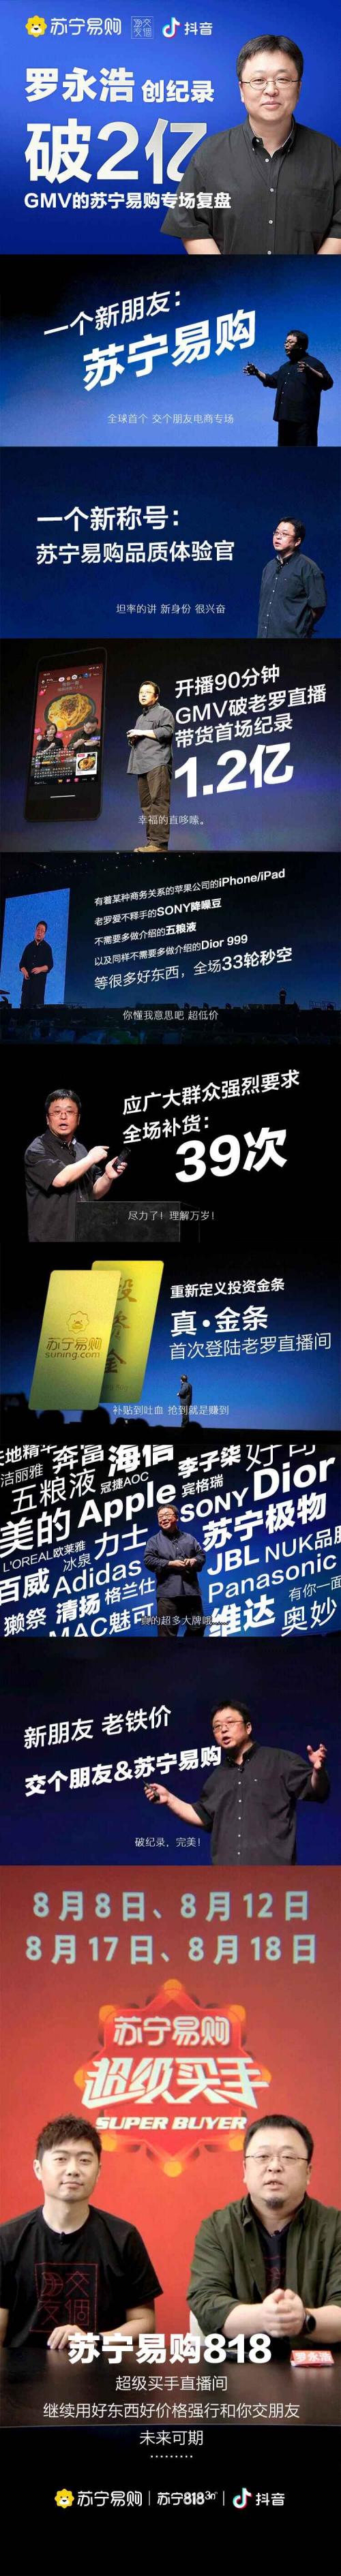 数据说话!罗永浩抖音四小时2亿成交额刷新带货纪录!